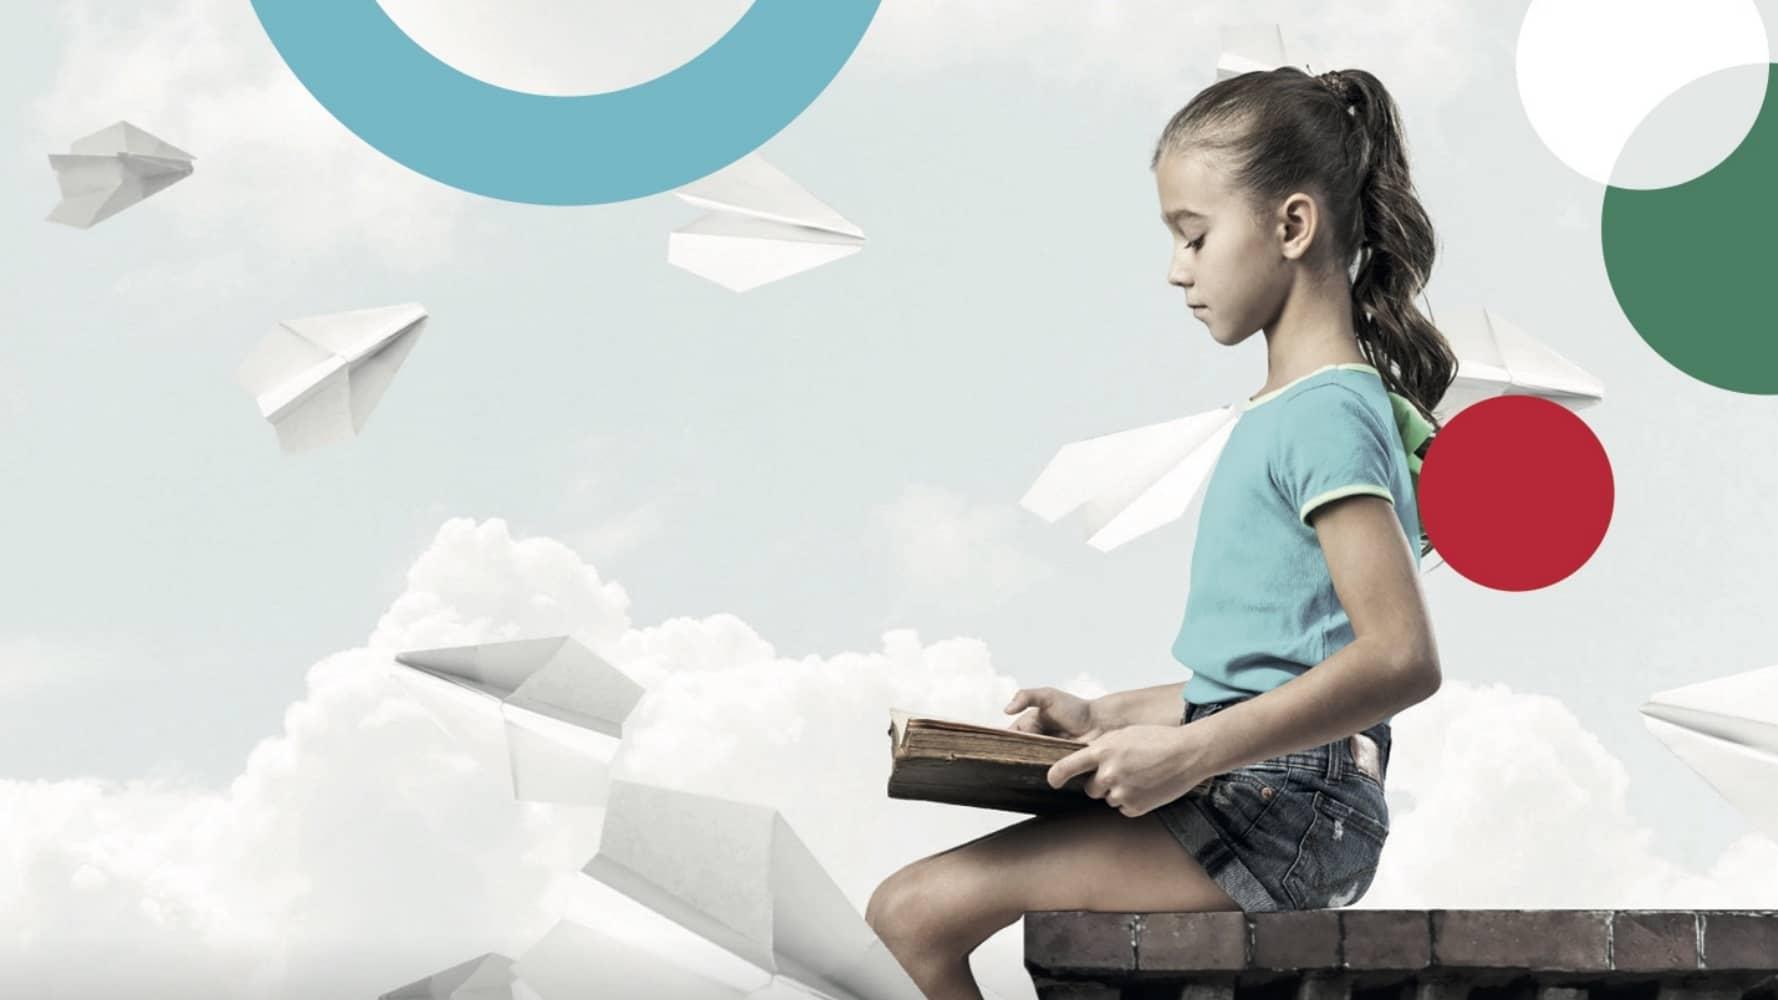 Il viaggio di Nora - lettura scenica del testo di Rachid Benzine